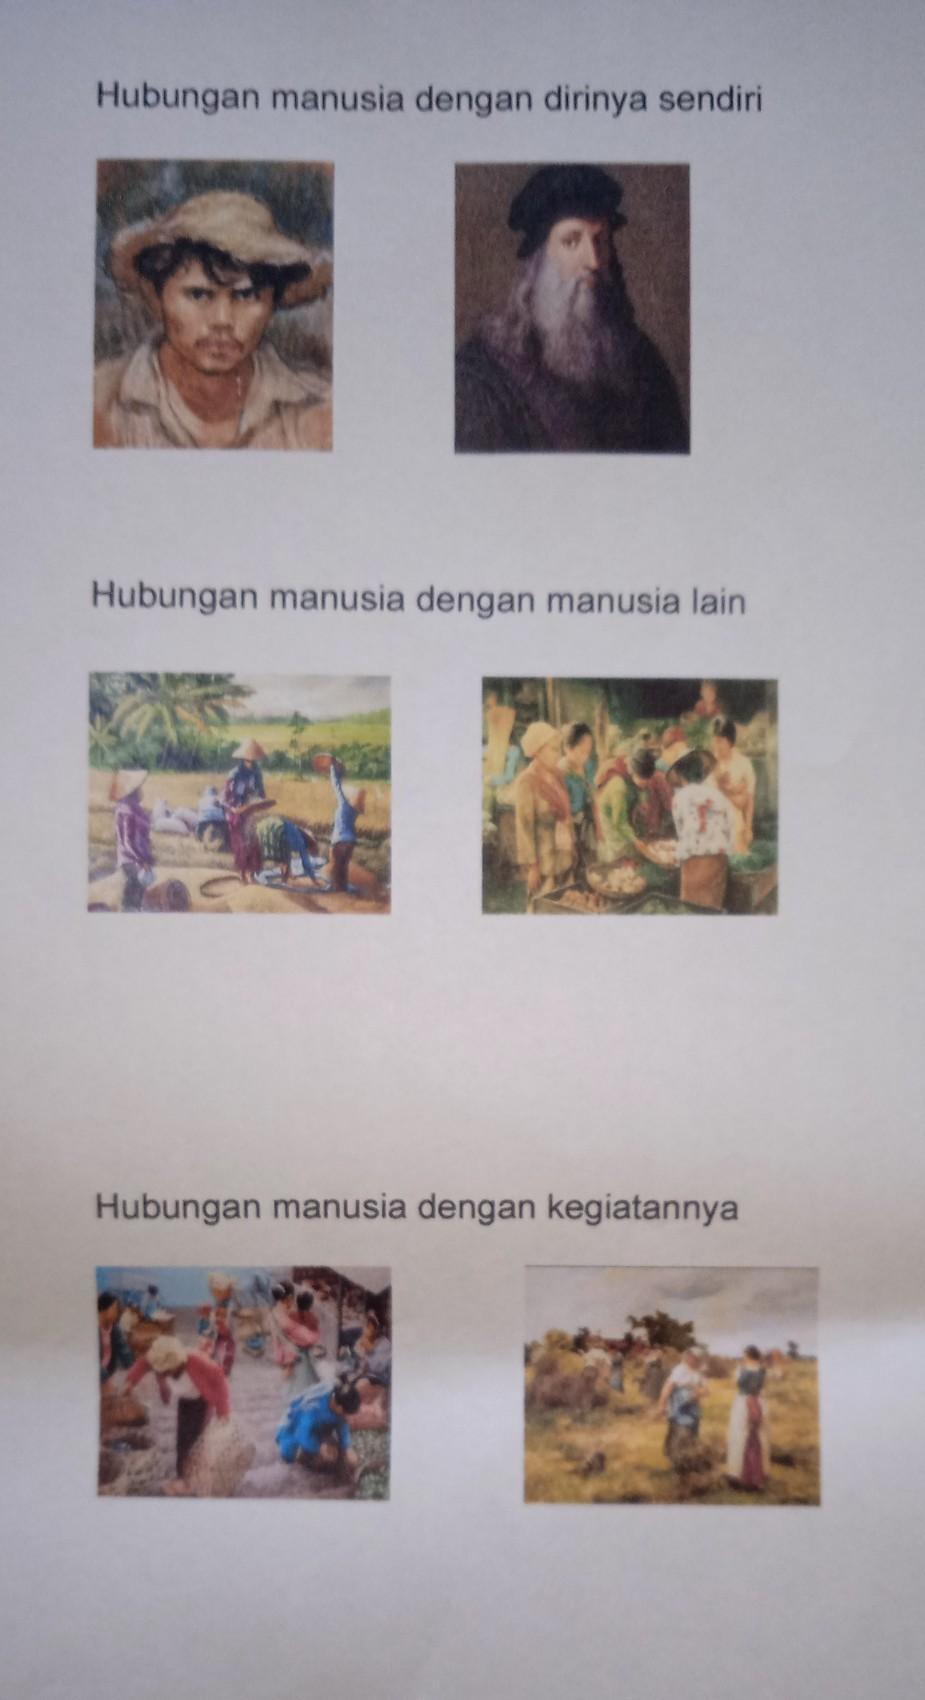 Contoh Lukisan Hubungan Manusia Dengan Kegiatannya : contoh, lukisan, hubungan, manusia, dengan, kegiatannya, Hubungan, Manusia, Dengan, Judul, Lukisan